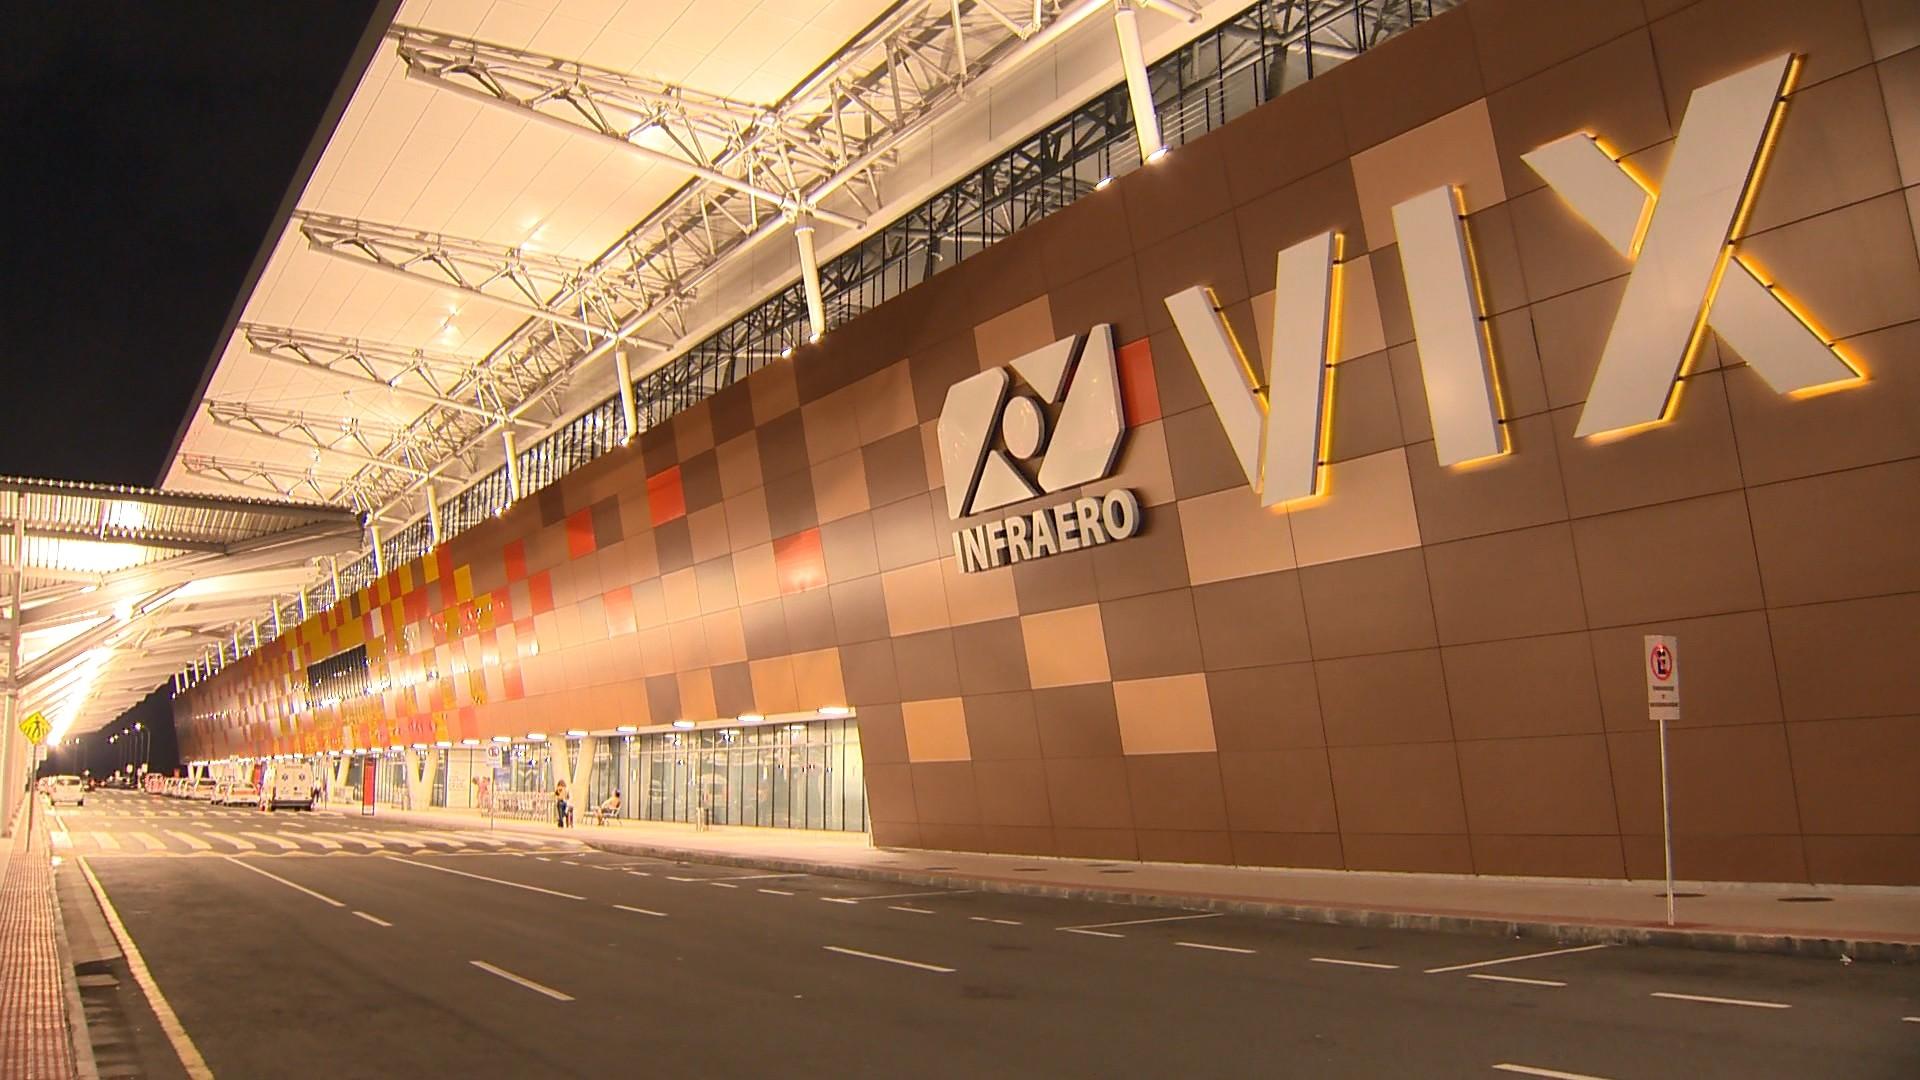 ES começa a testar passageiros para Covid-19 no Aeroporto de Vitória